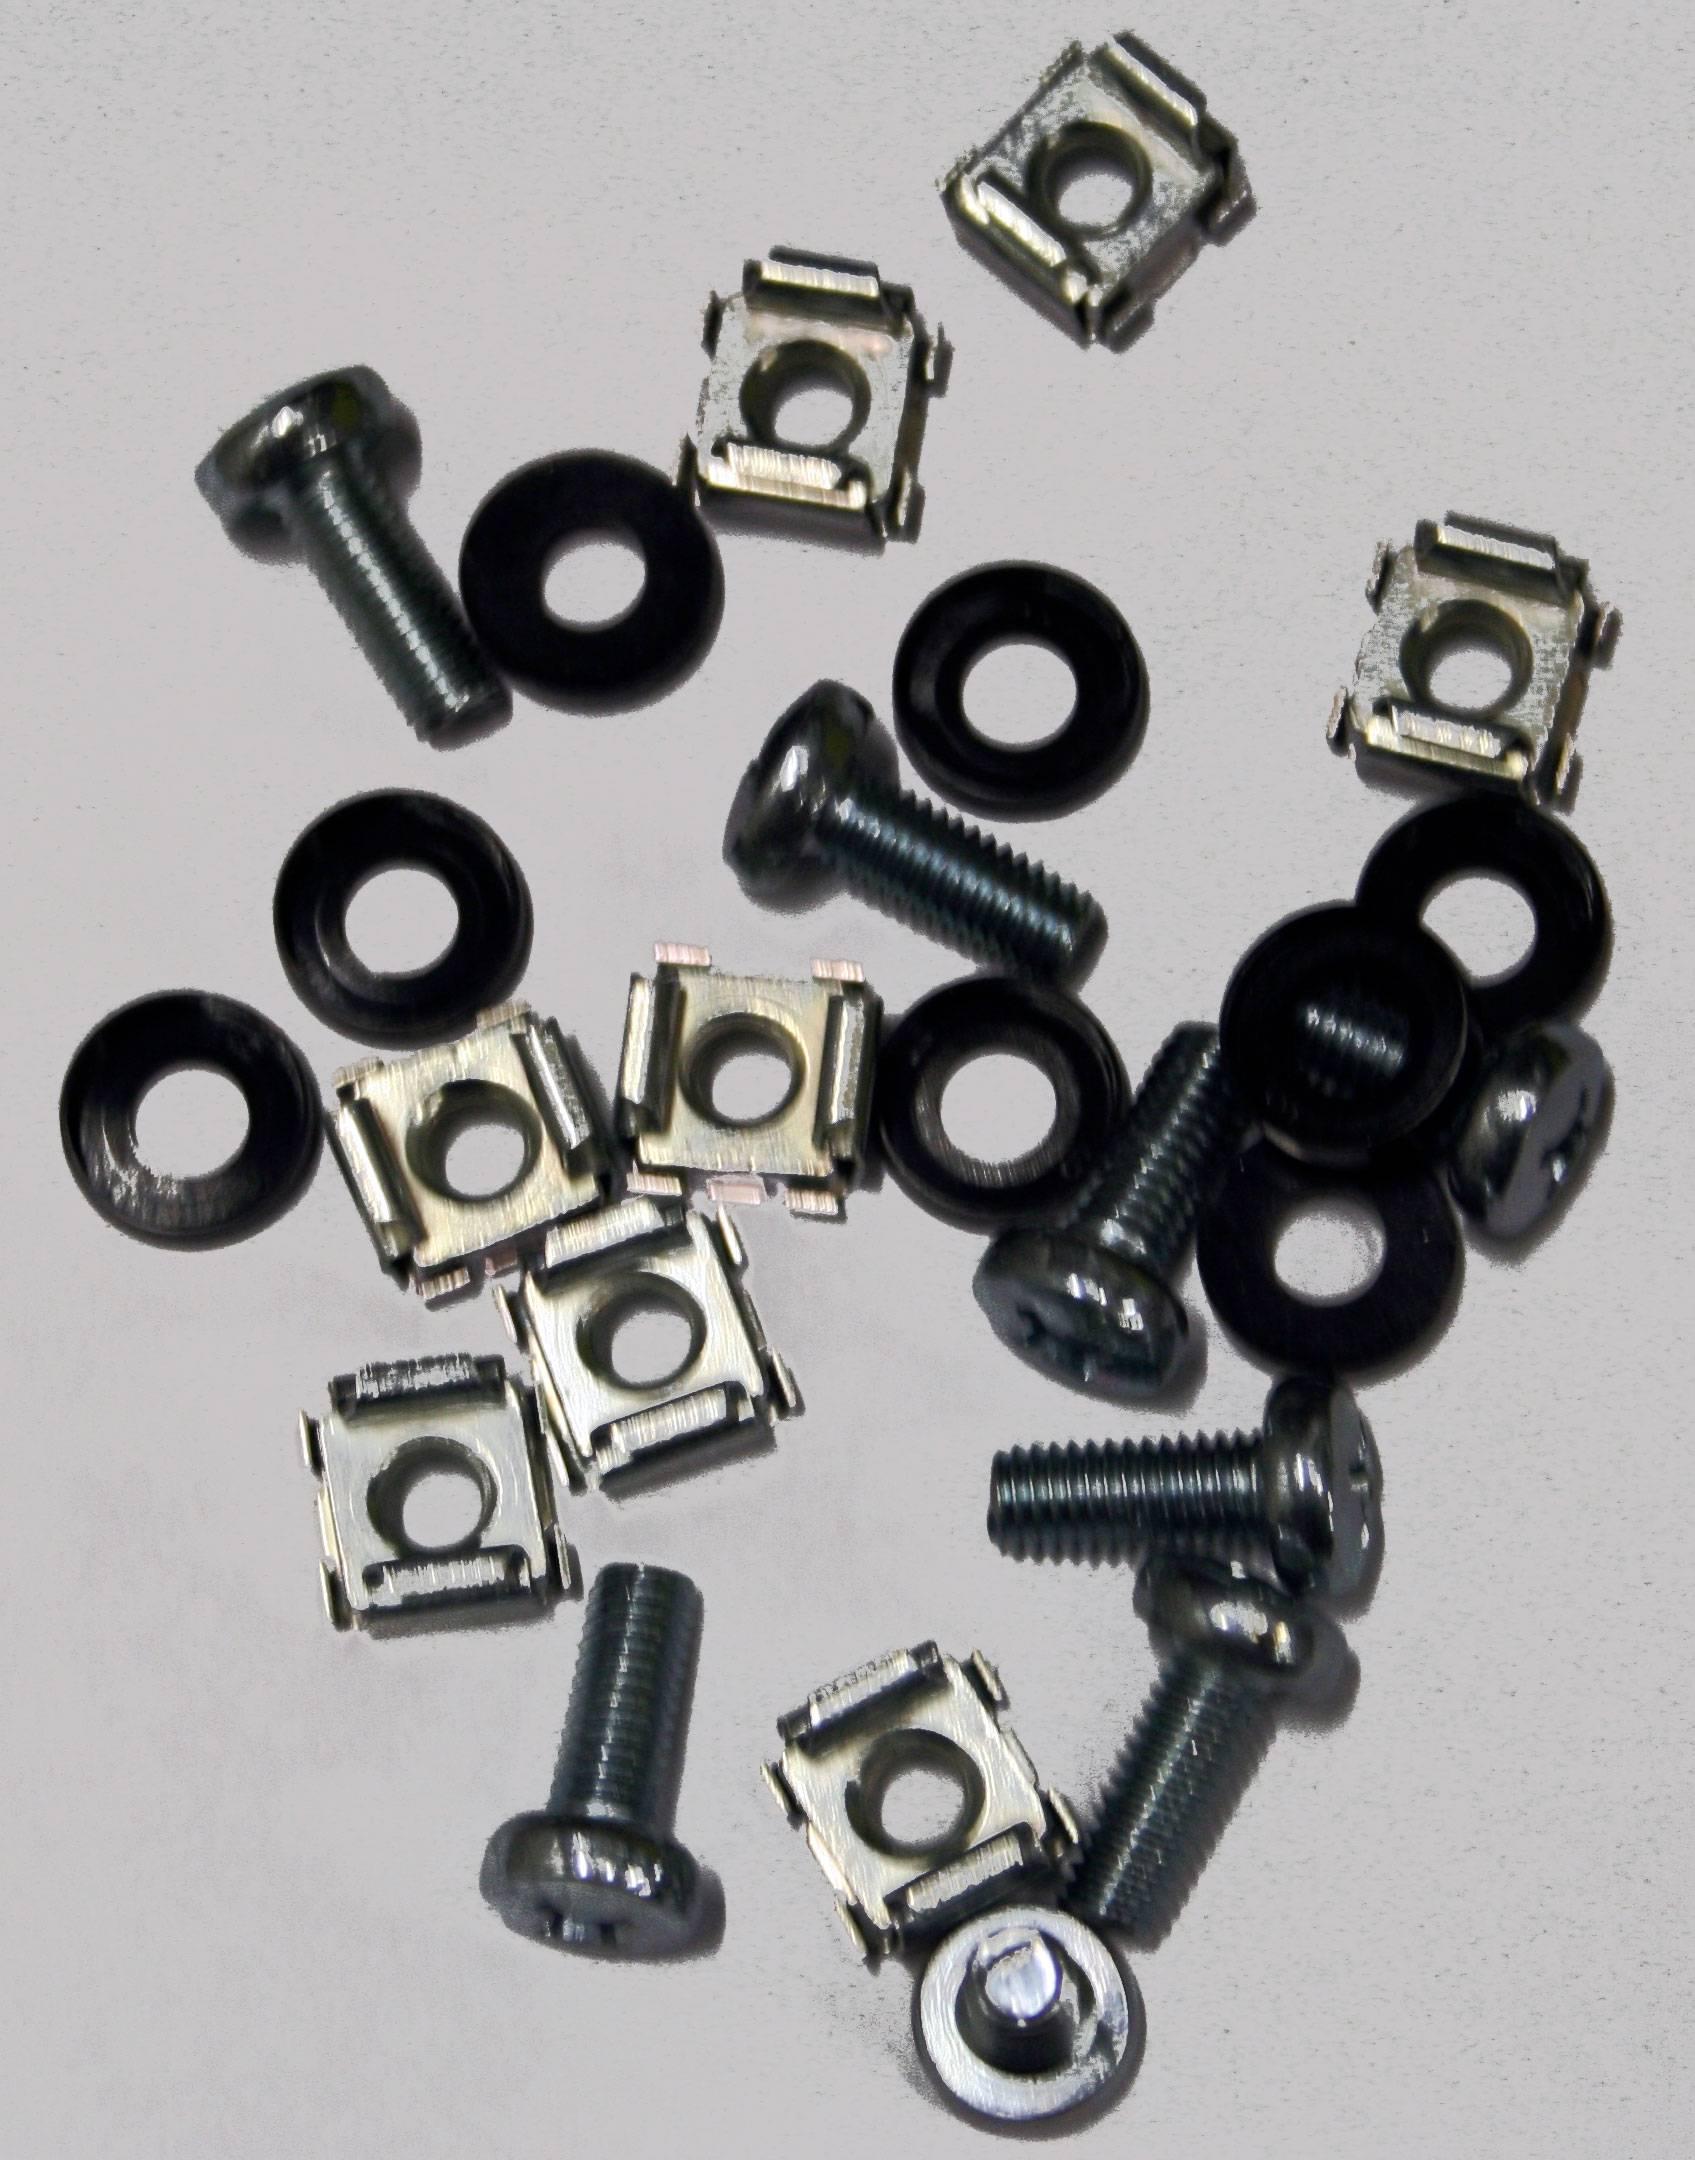 Upevňovací části pro nosné konstrukce Schroff